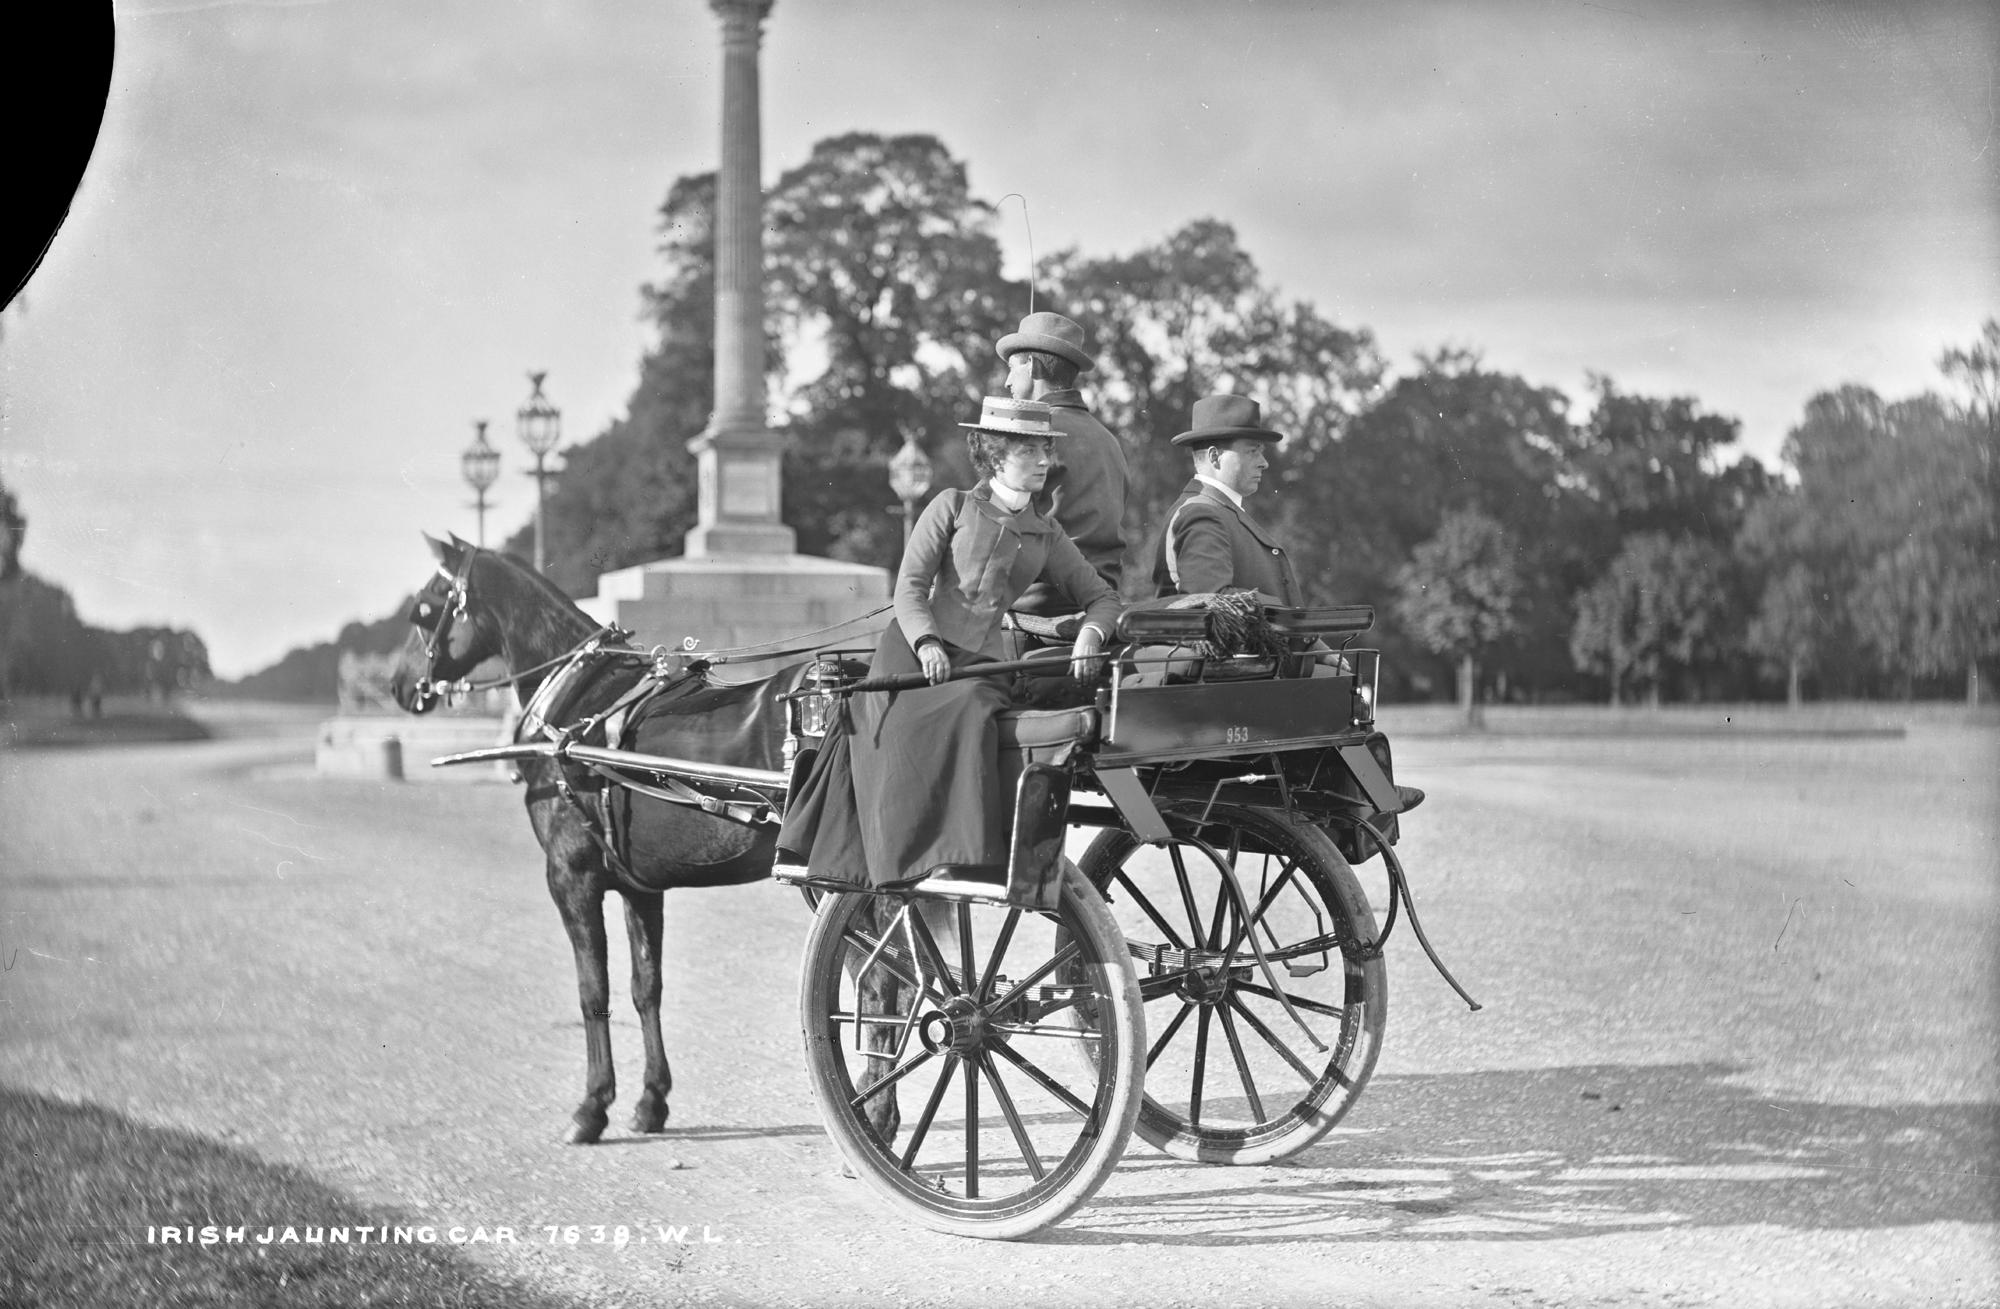 Irish Jaunting car